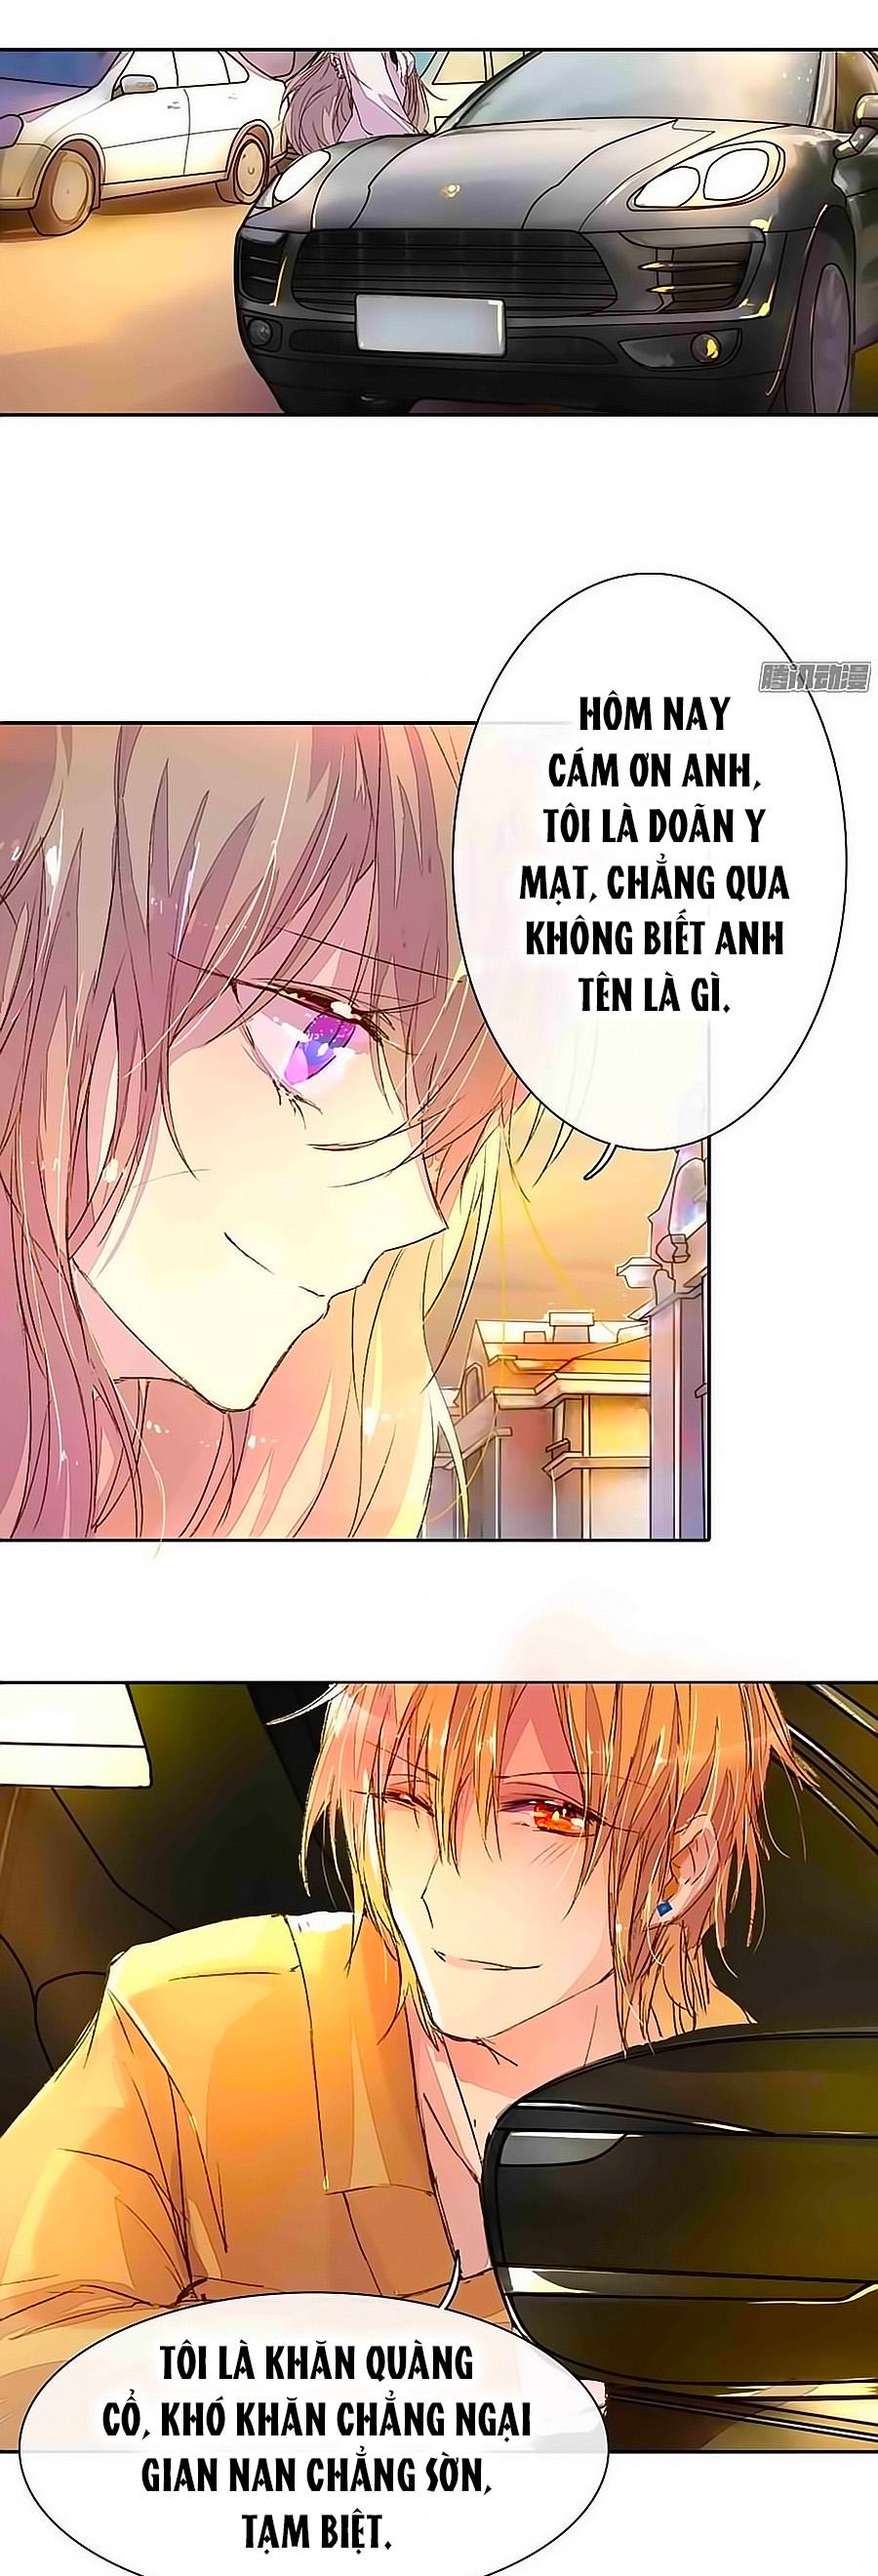 Hào Môn Tiểu Lãn Thê - Chap 13